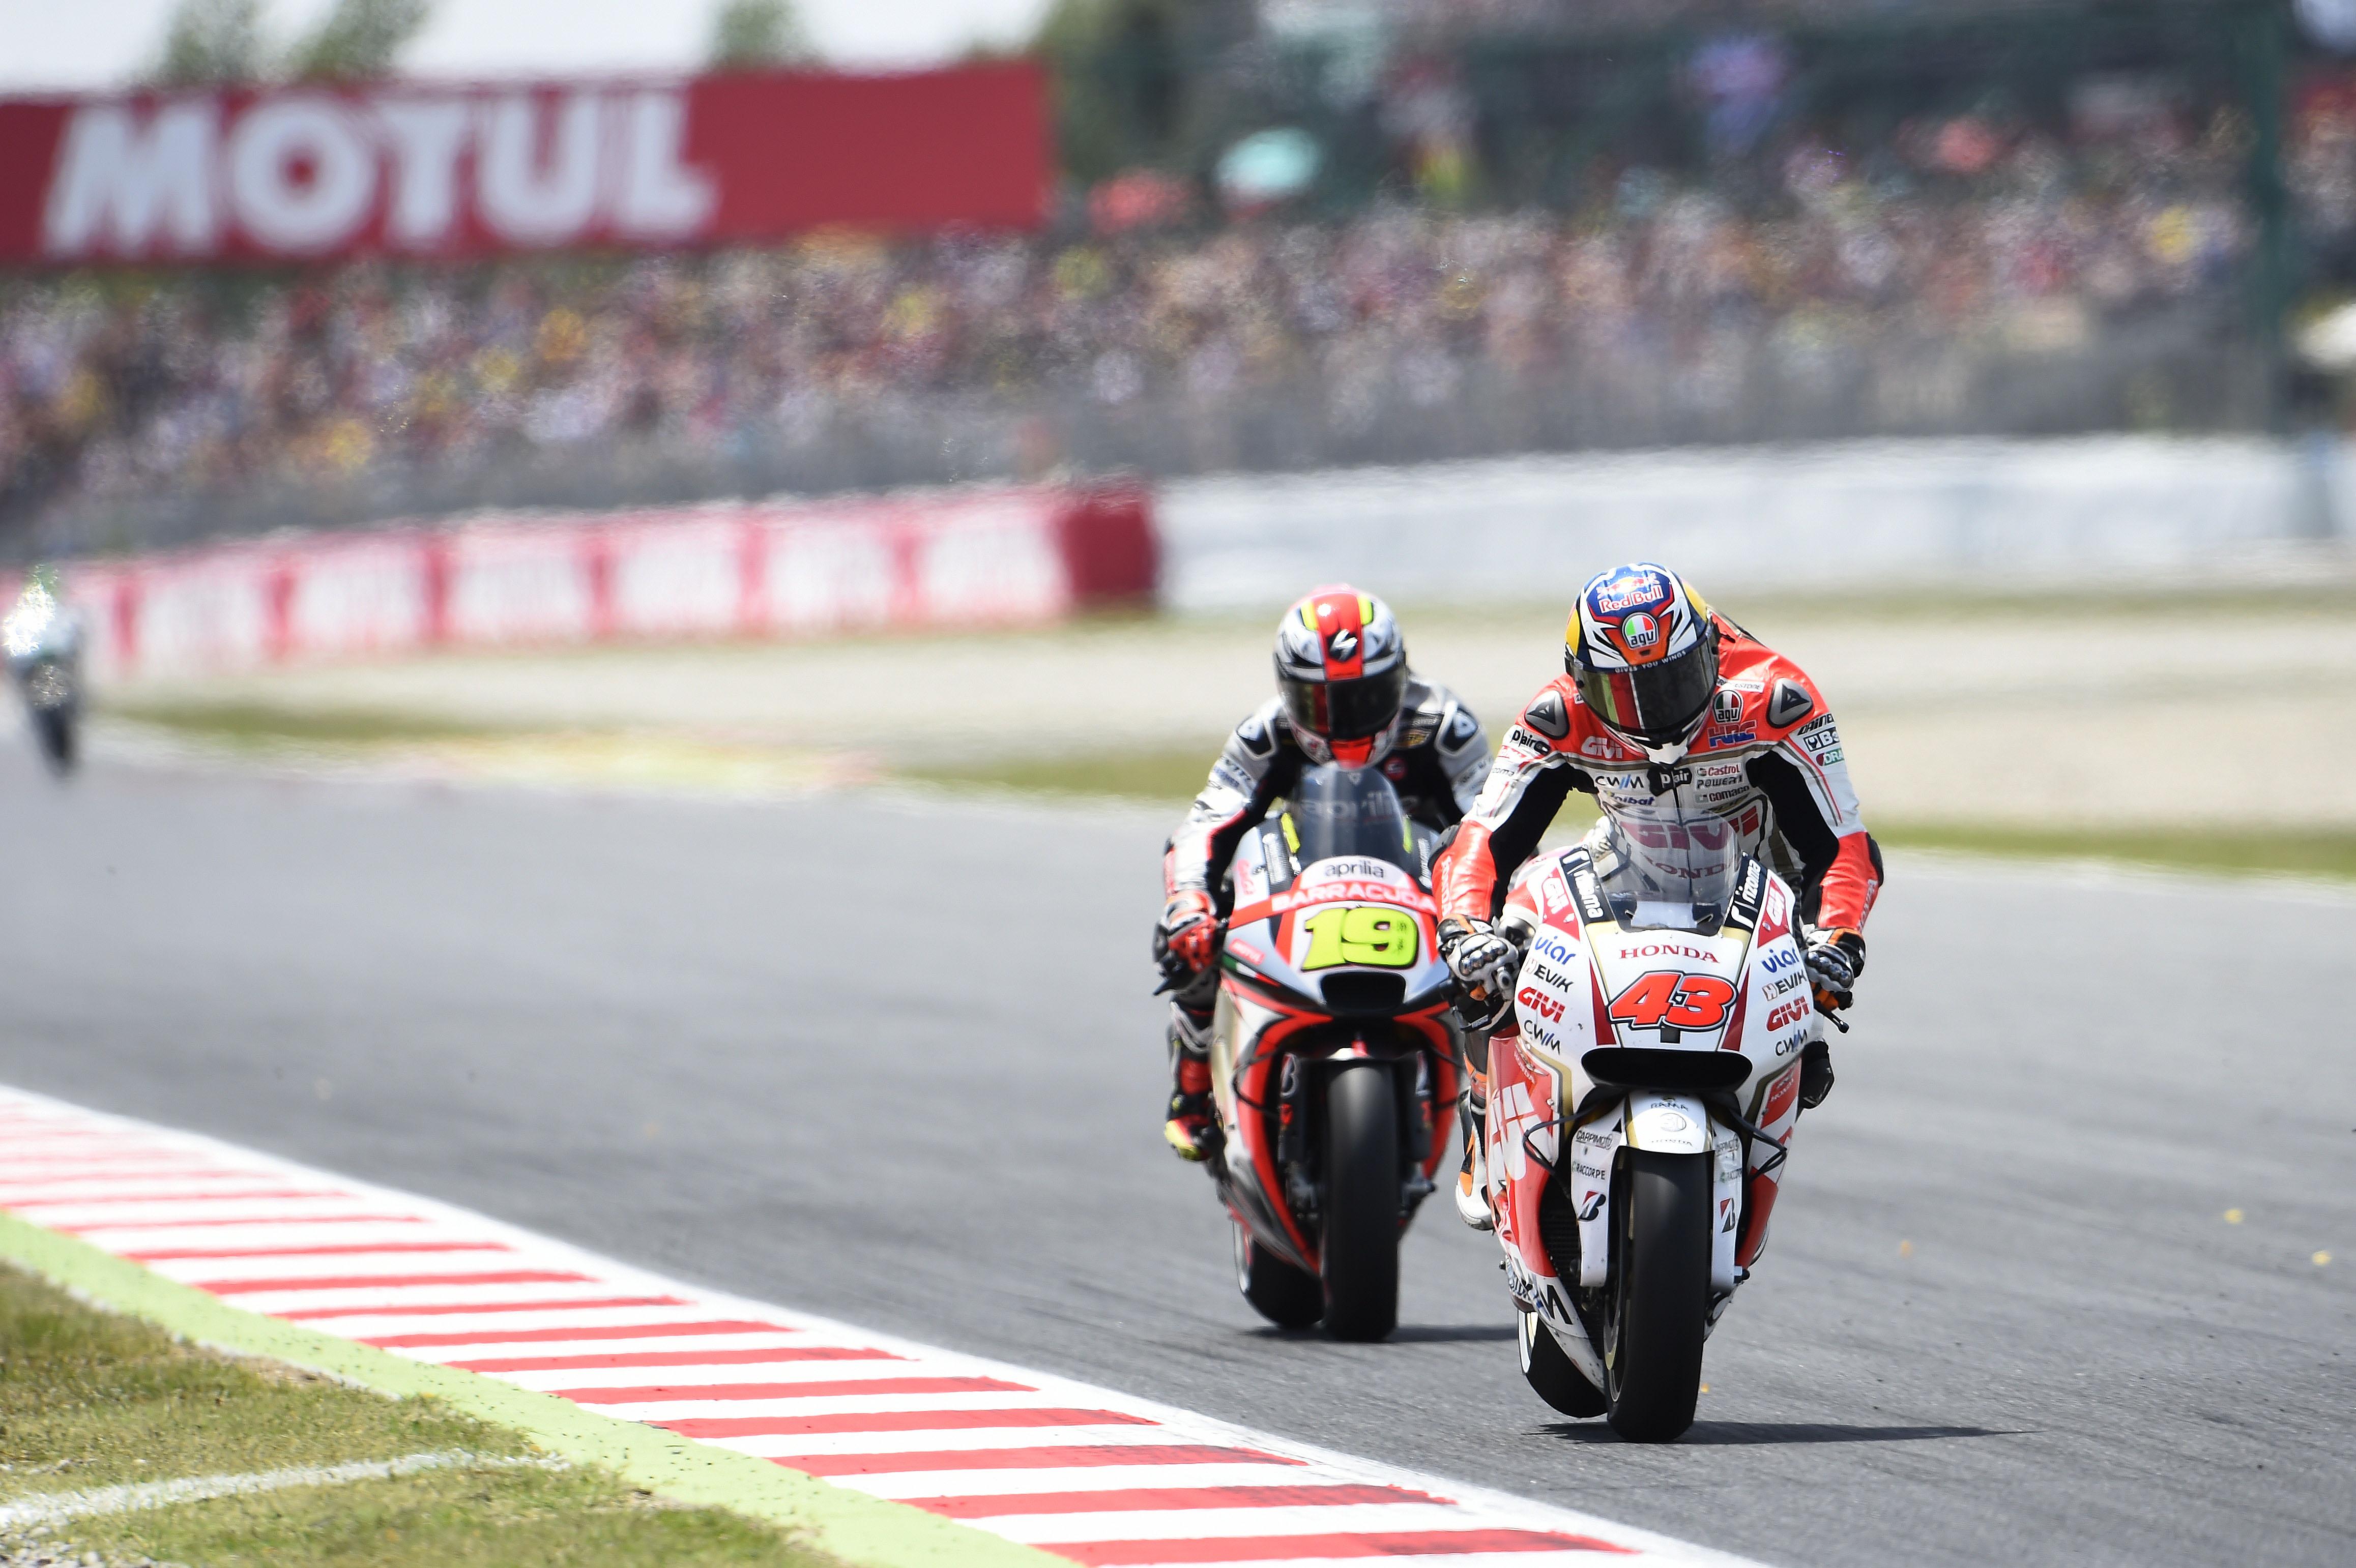 Jack Miller LCR Honda Barcelona MotoGP 2015